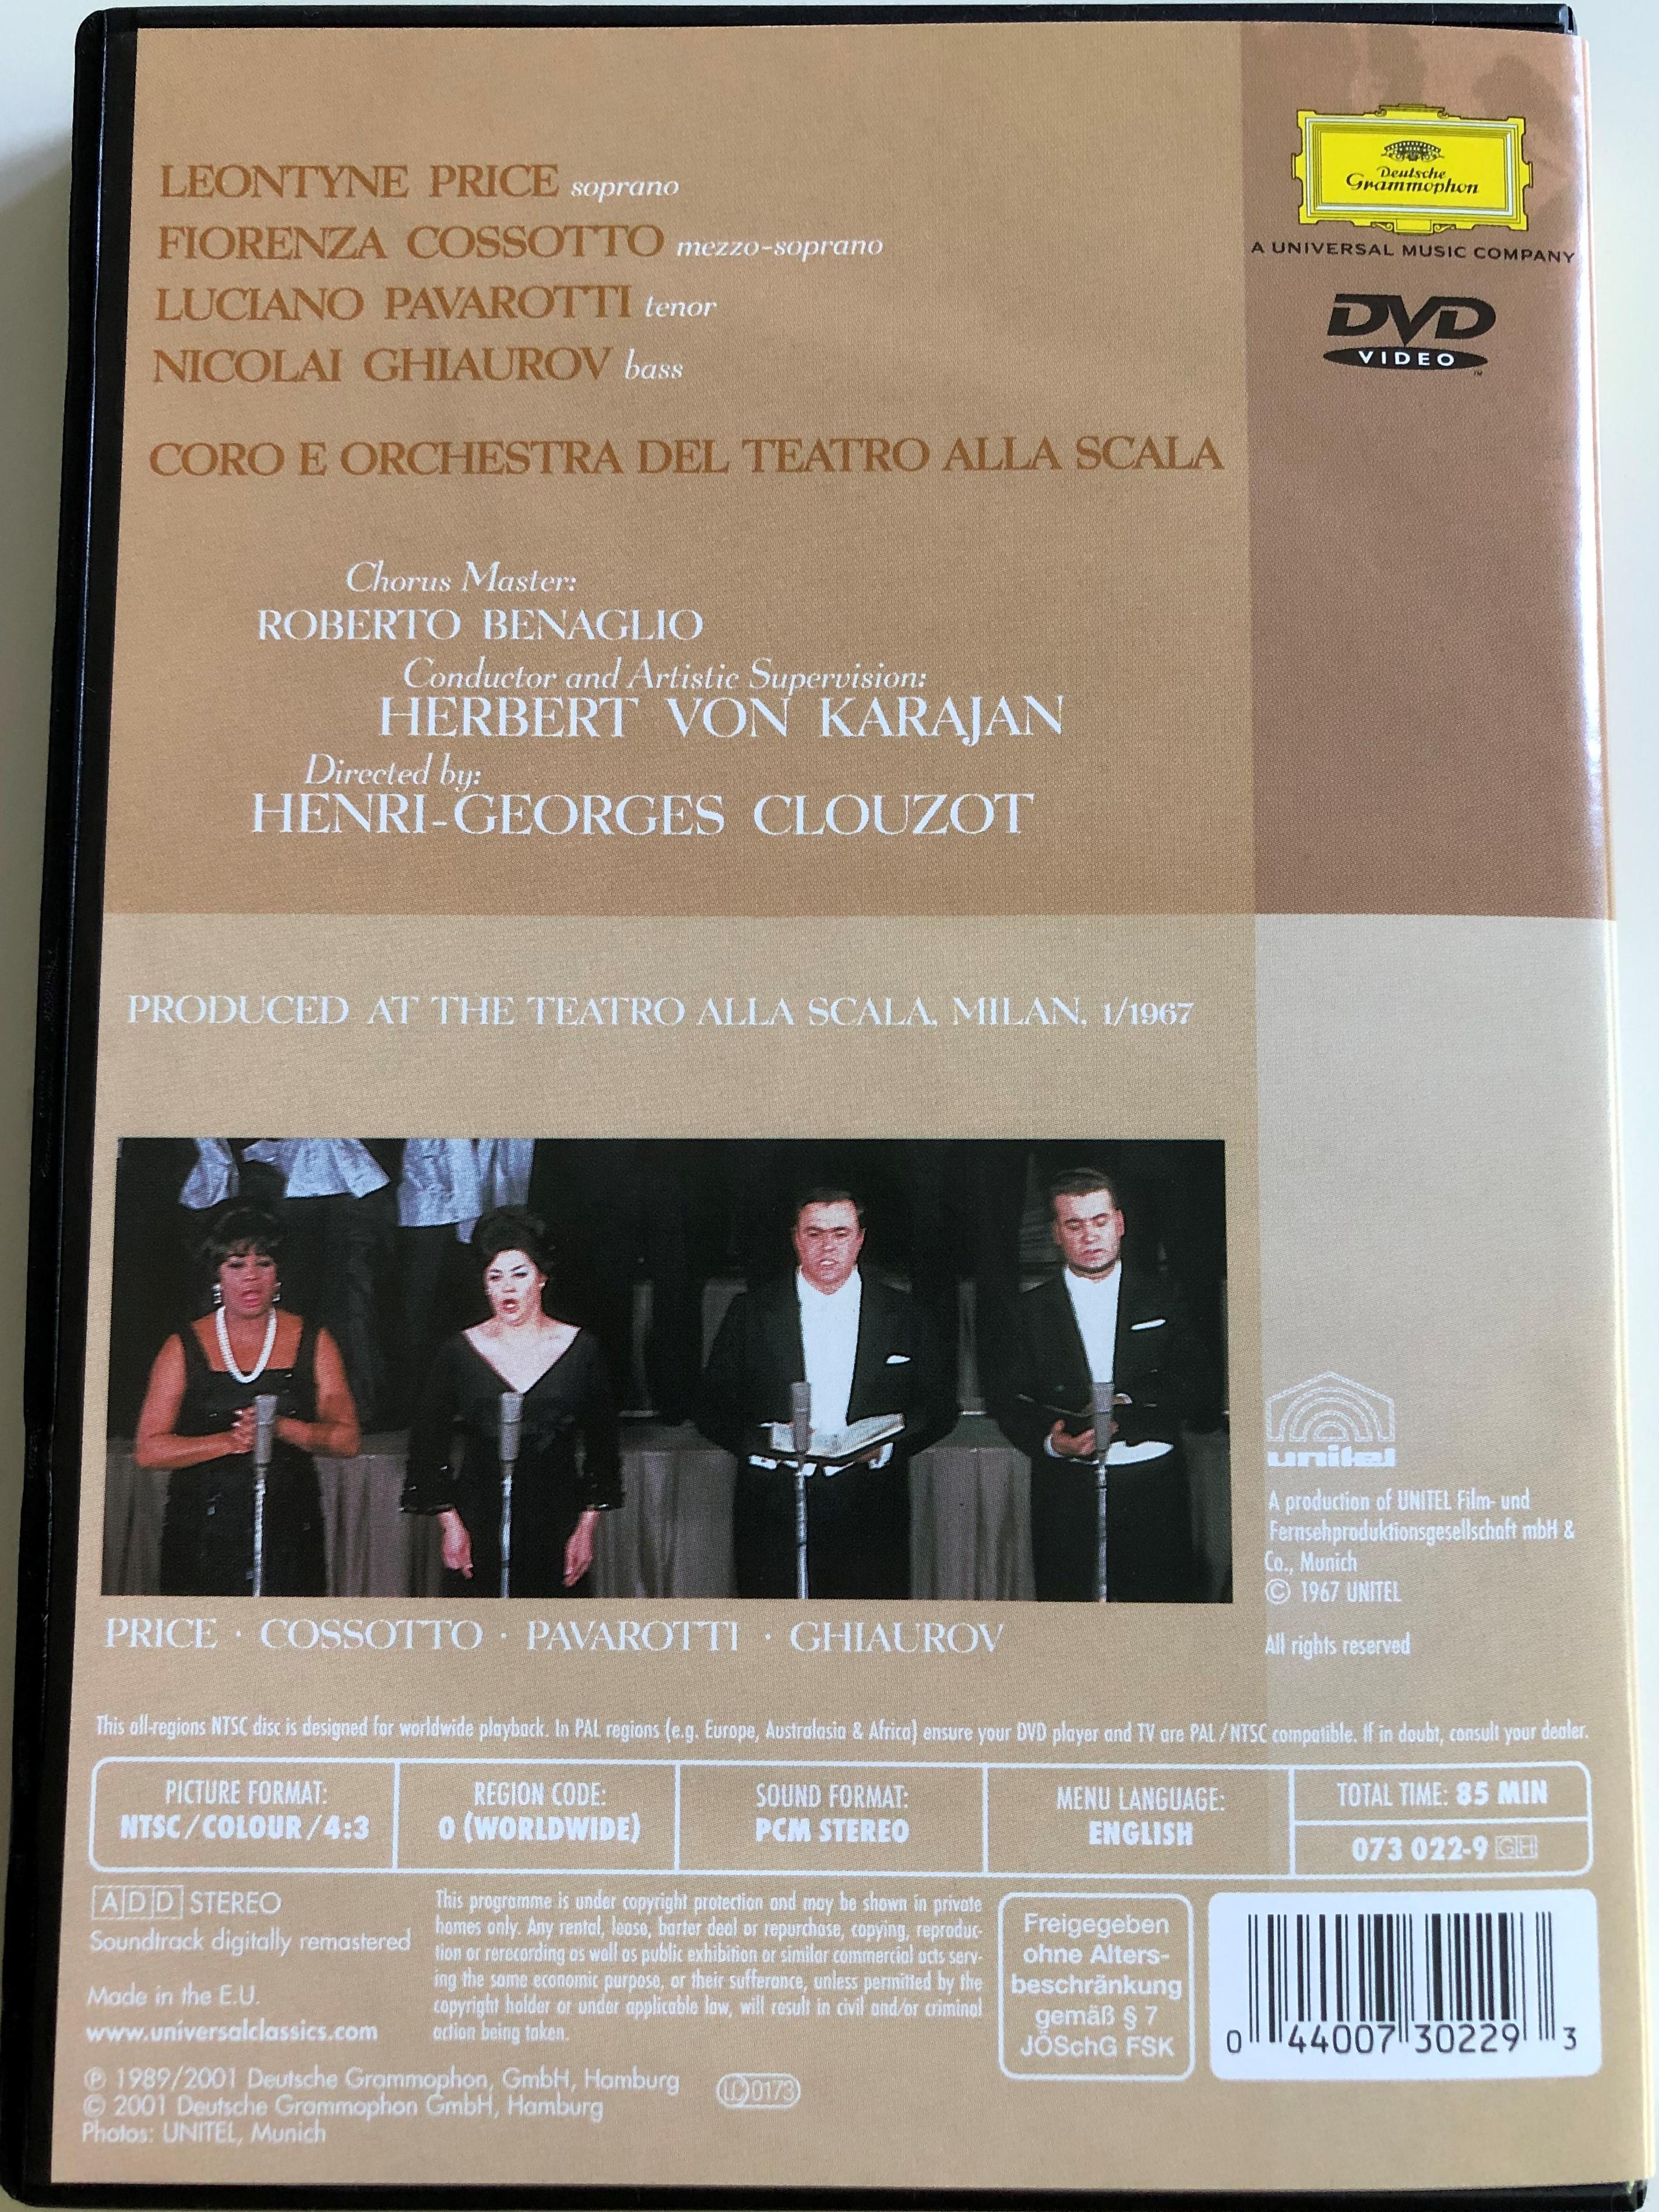 verdi-requiem-leontyne-price-fiorenza-cossotto-luciano-pavarotti-nicolai-ghiaurov-coro-e-orchestra-del-teatro-alla-scala-conducted-by-herbert-von-karajan-2-.jpg